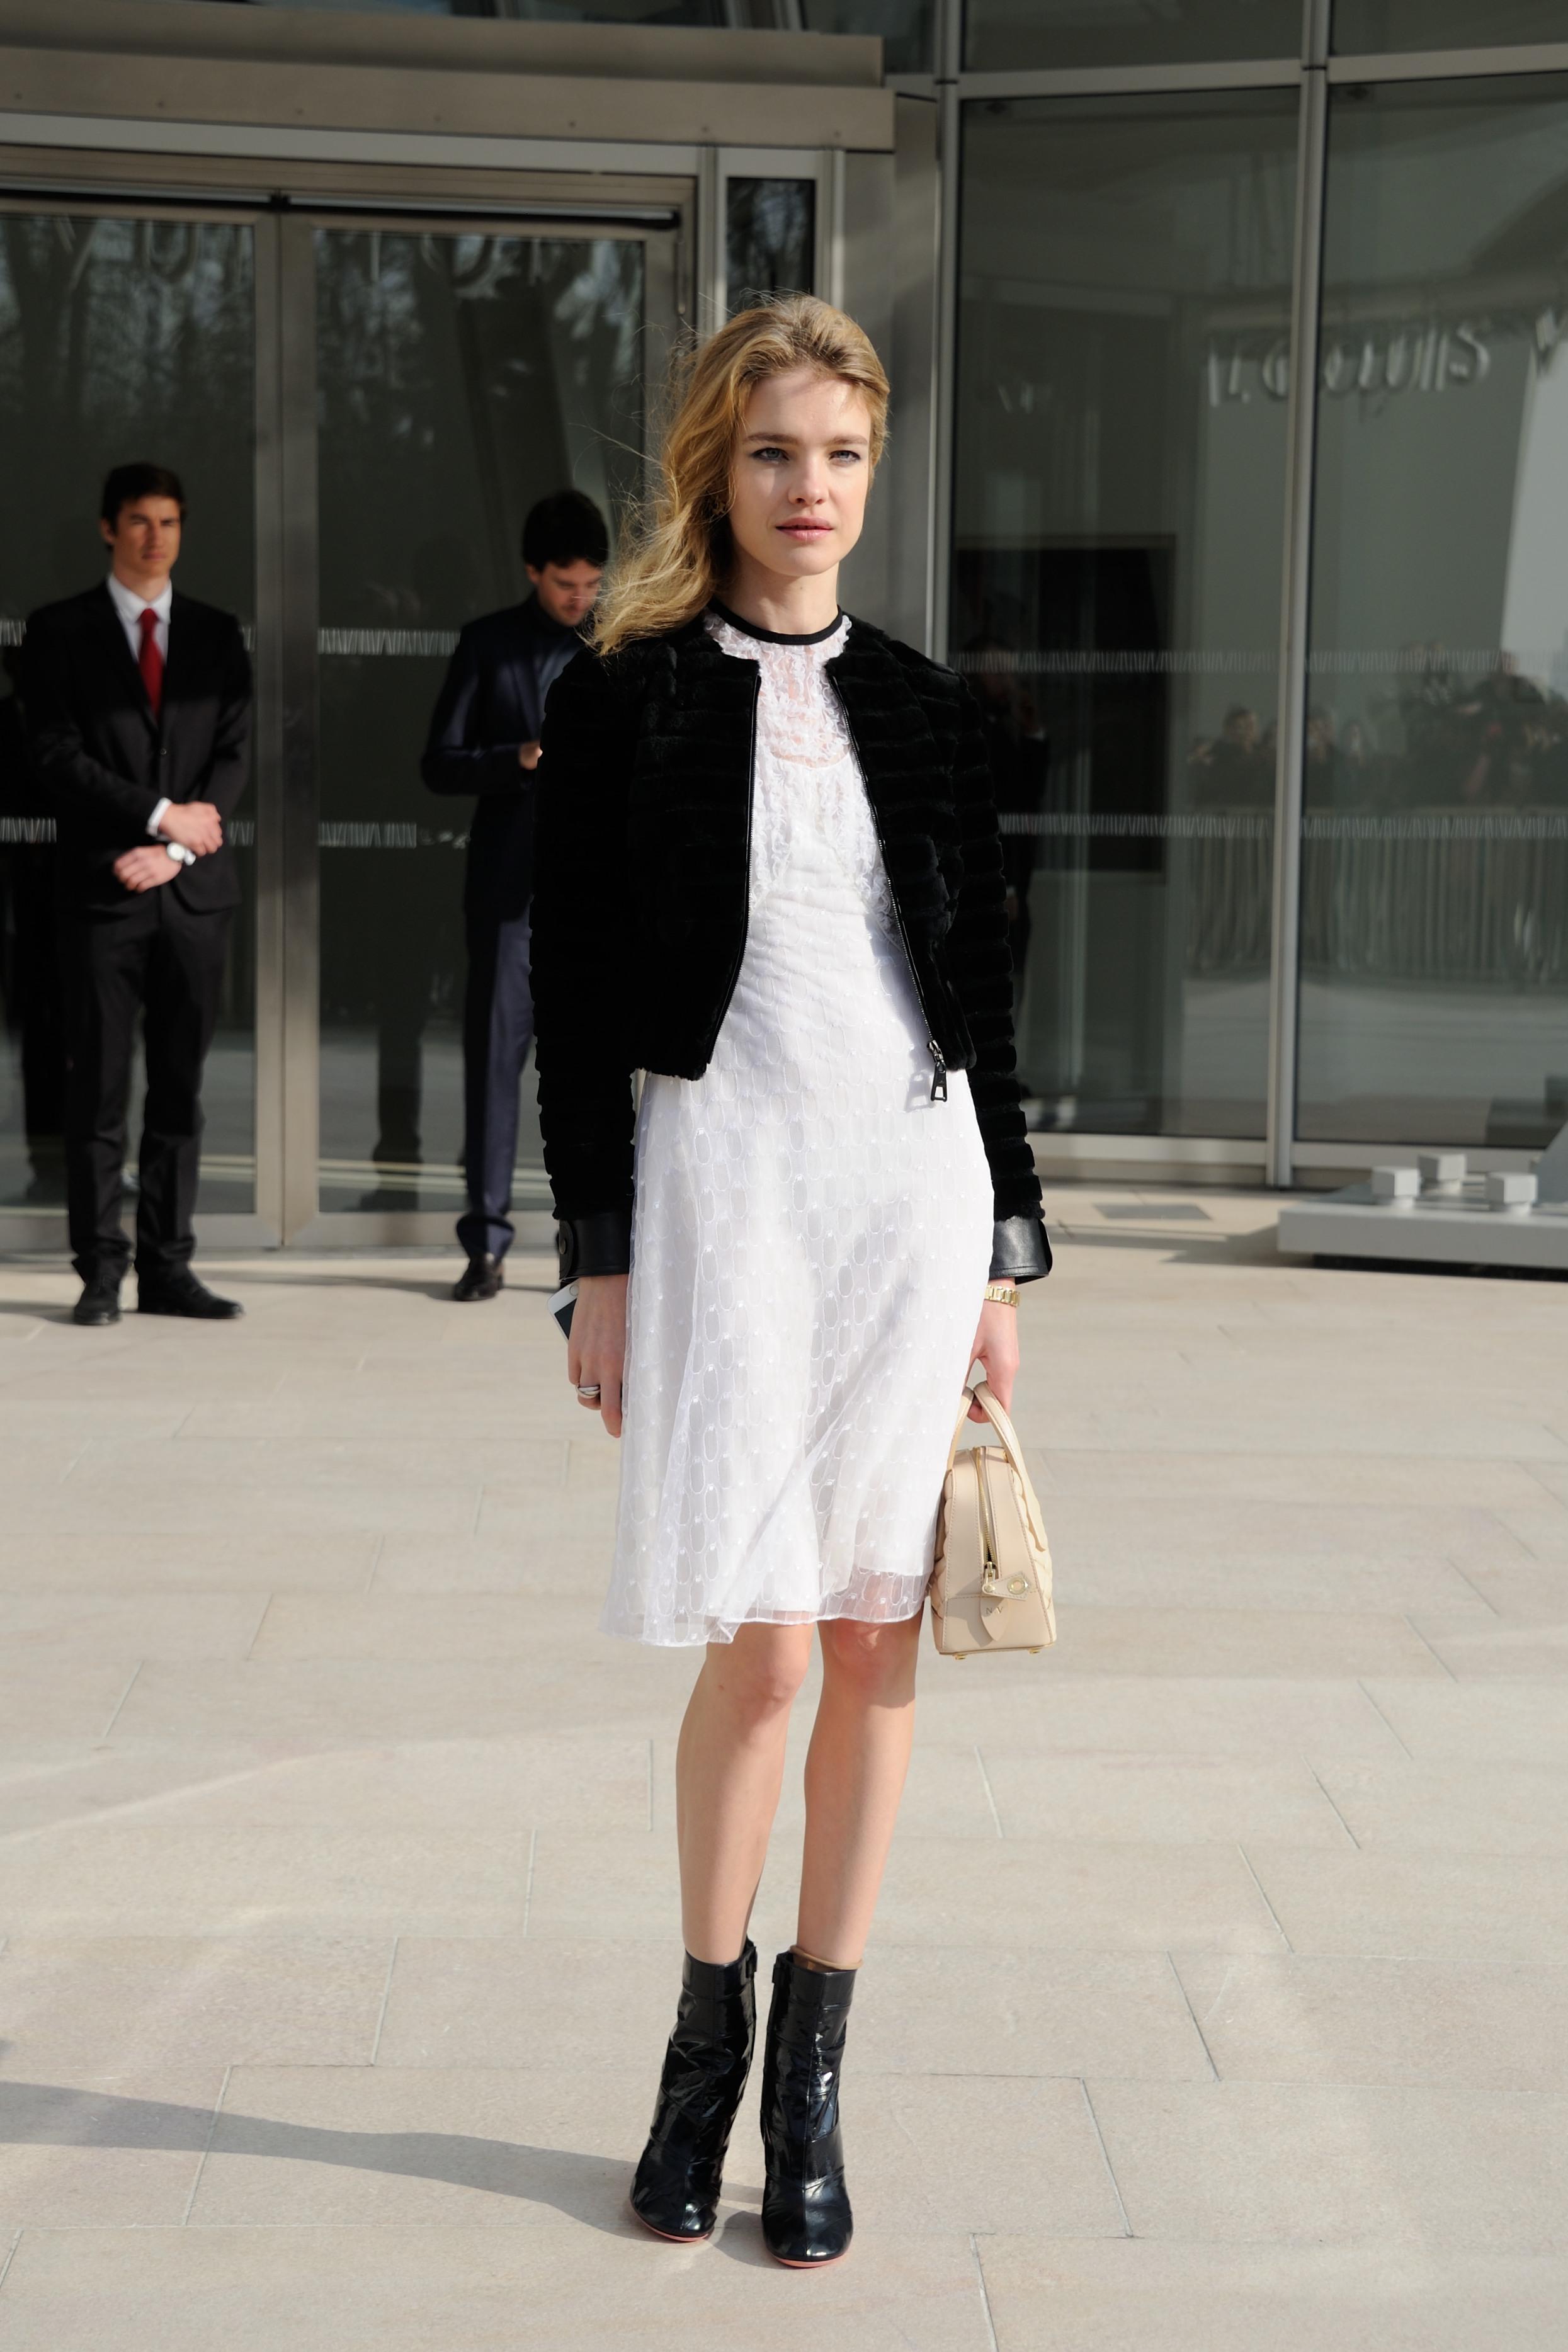 Paris Fashion Week - Louis Vuitton Arrivals